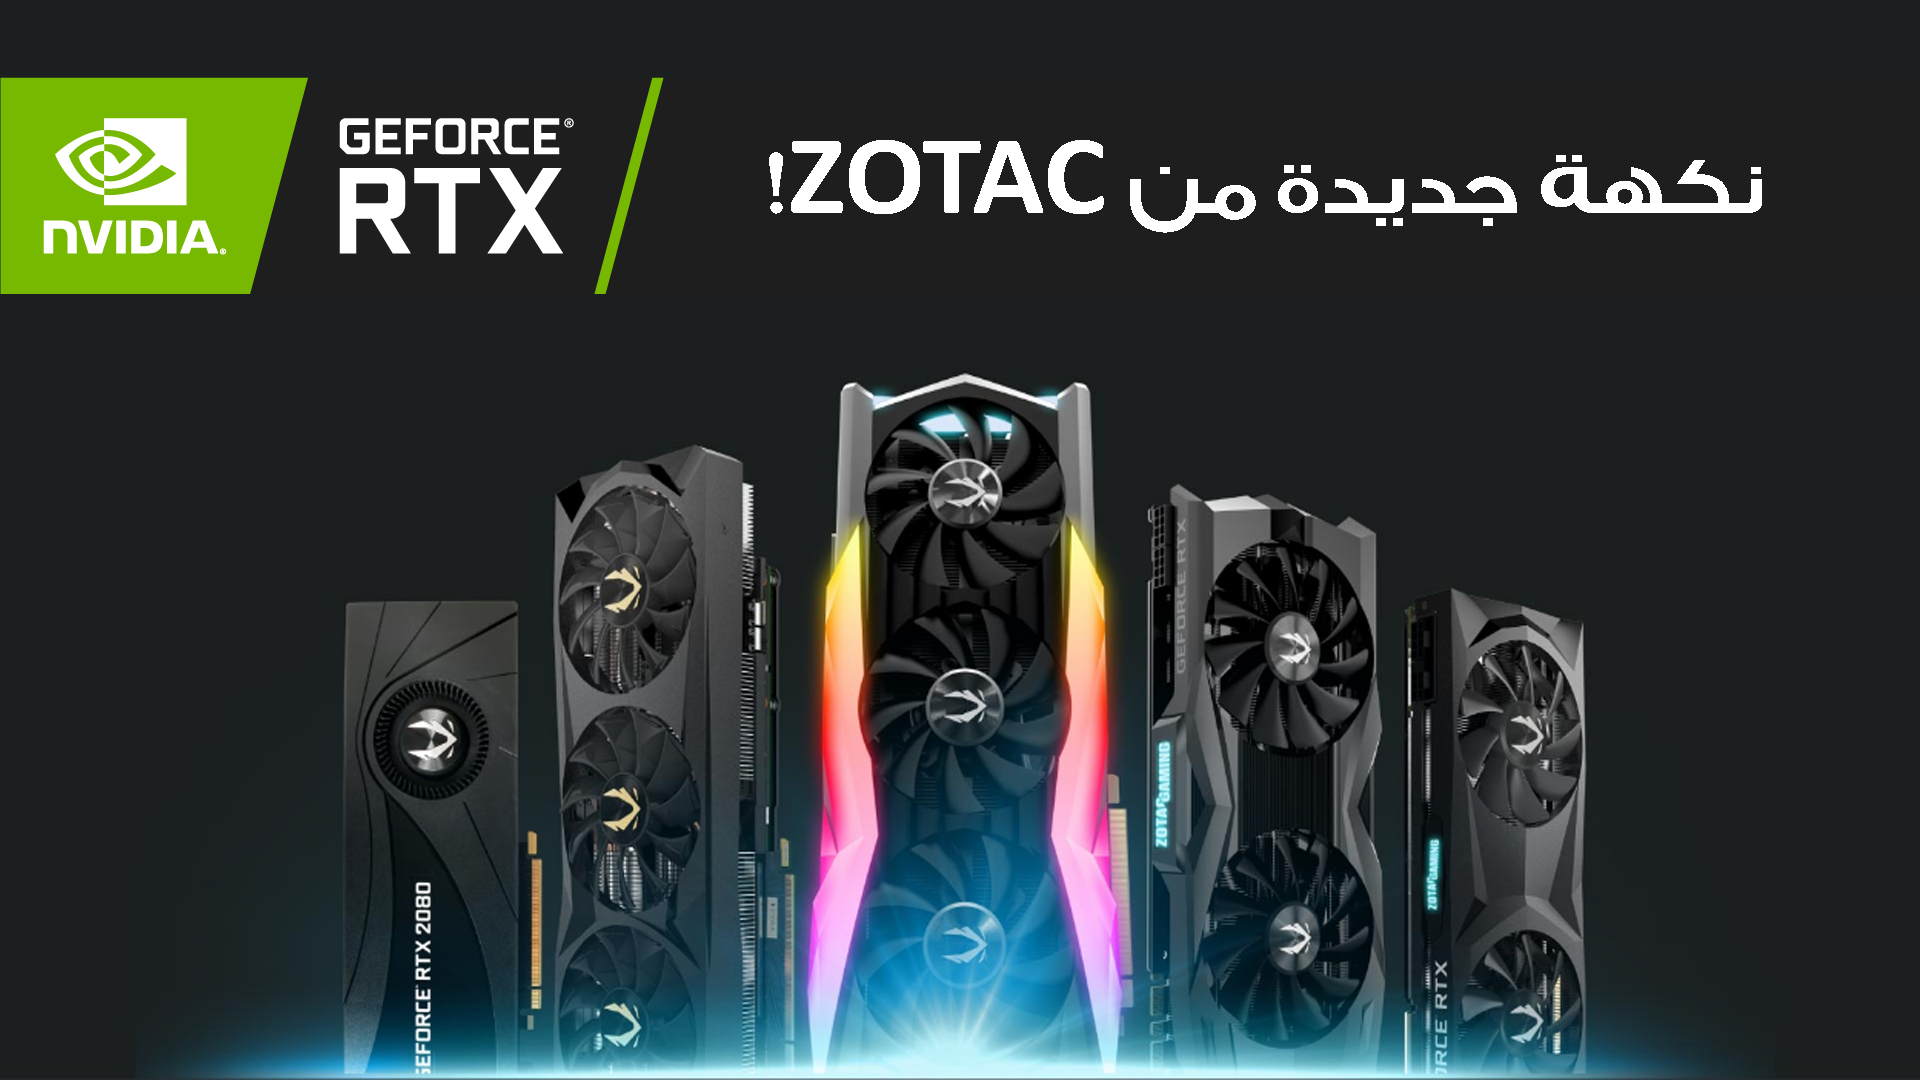 نكهة جديدة من ZOTAC مع الجيل الجديد RTX 2000..ماهو المميز بها؟